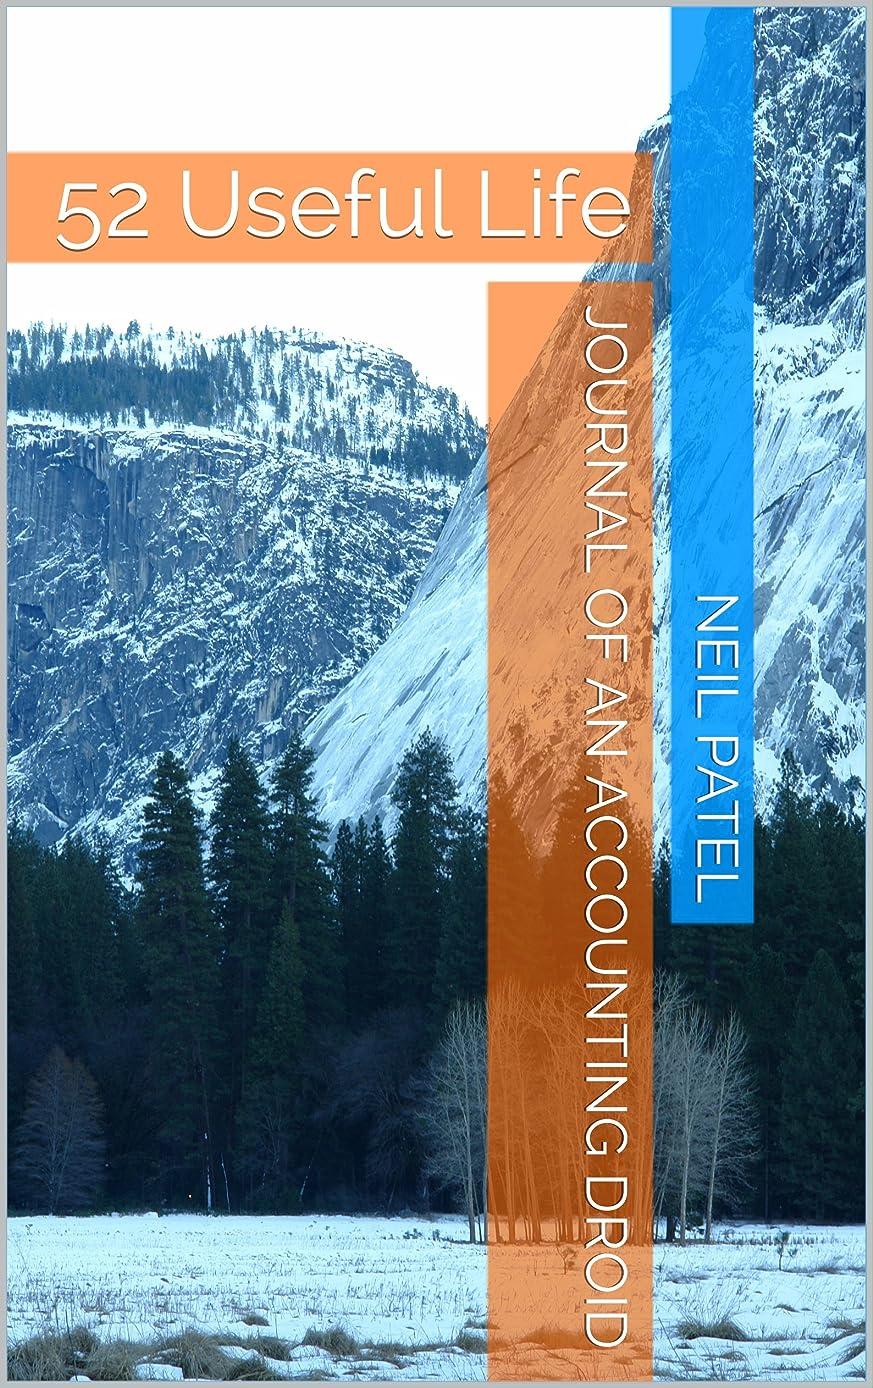 収入ブラウザアスリートJournal of an Accounting Droid: 52 Useful Life (English Edition)